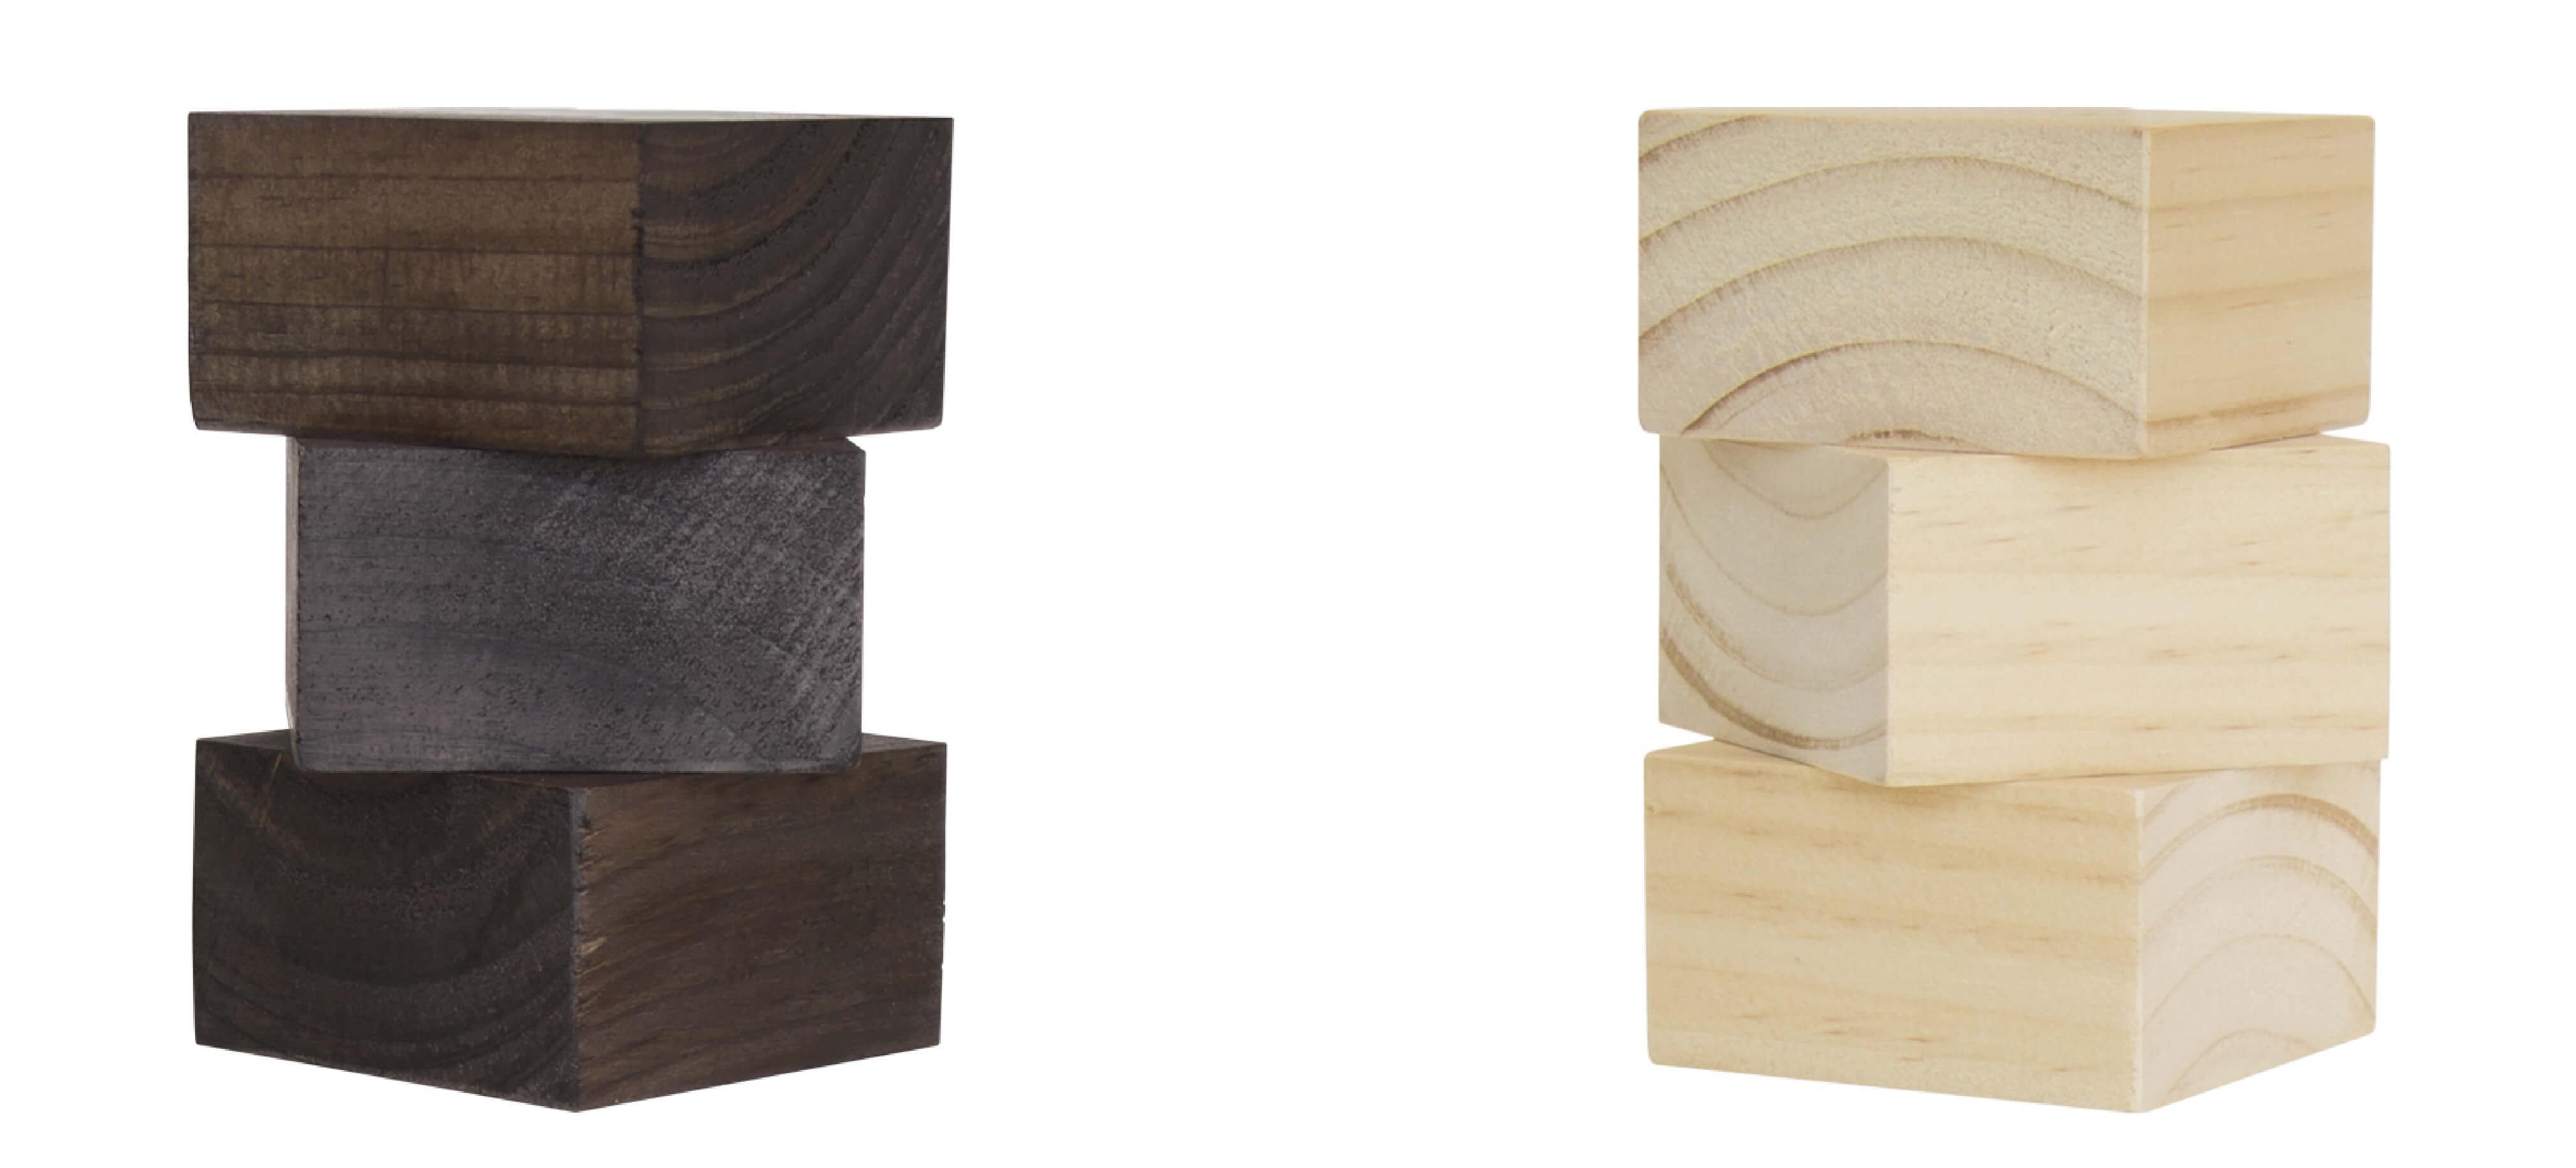 Compra tu Recambio de Piezas de Madera de Pino Natural Wood en Cristalinas al Mejor Precio